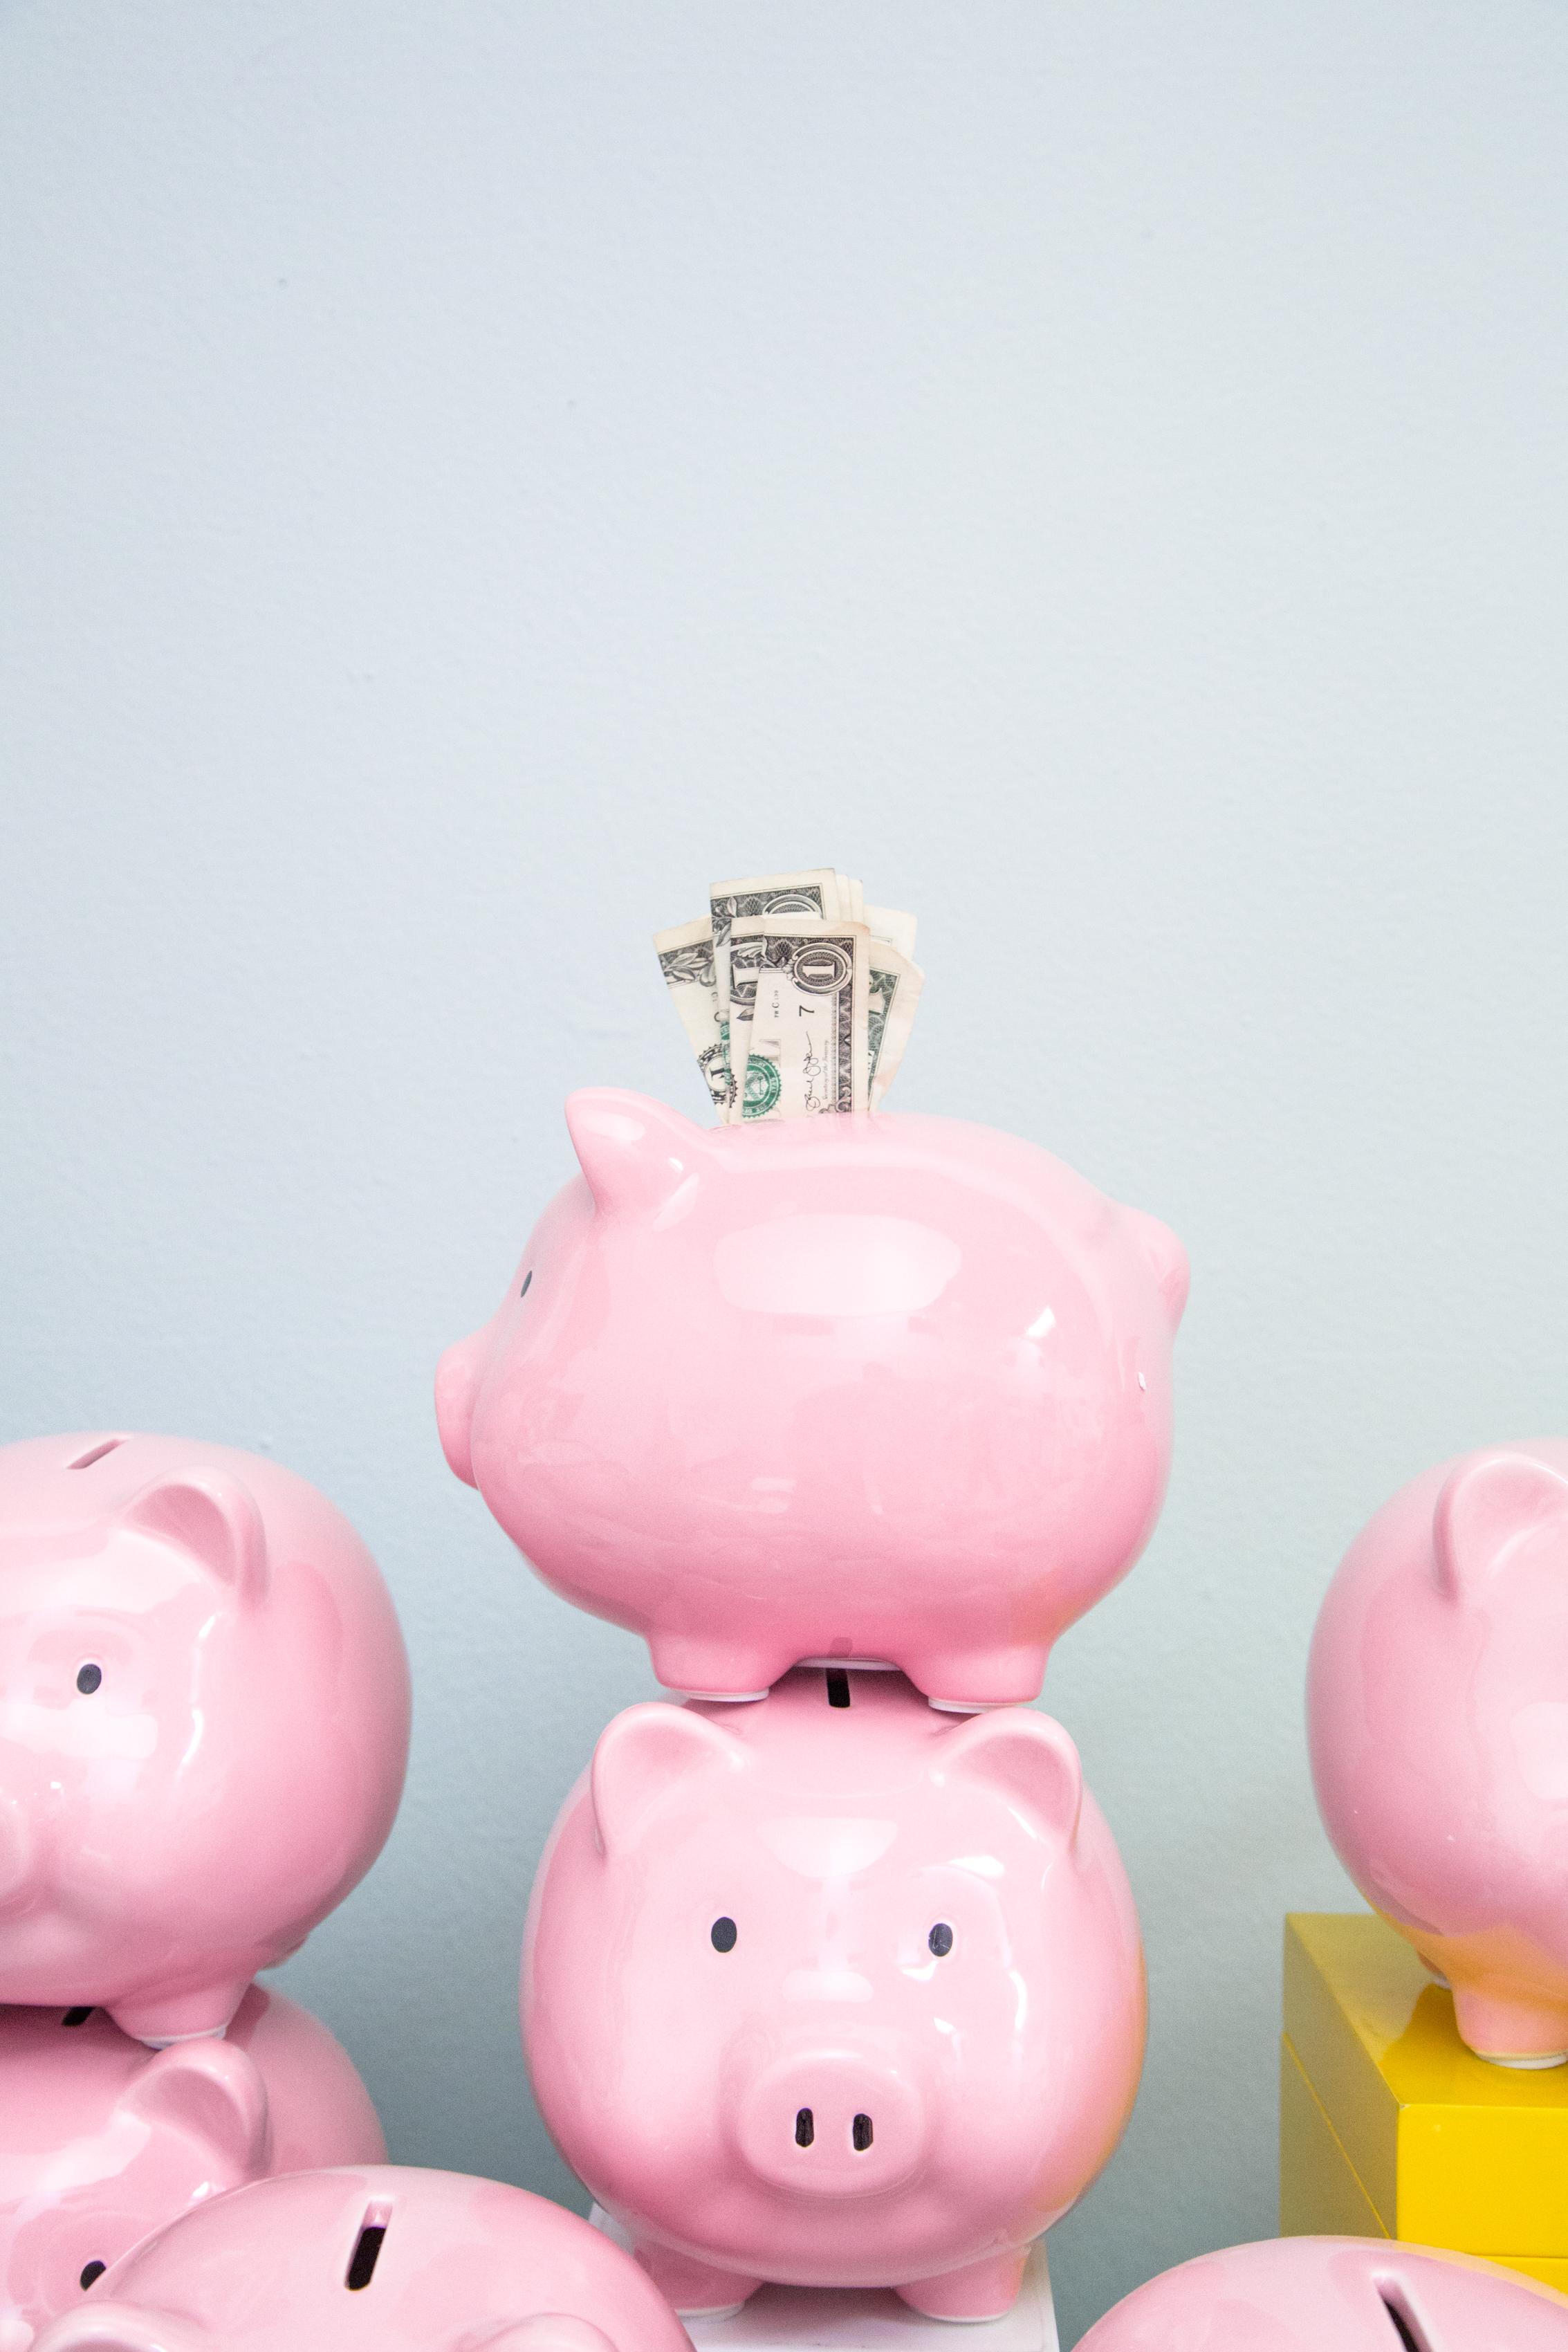 2018_08_31_Piggy-Bank-Loans-11.jpg